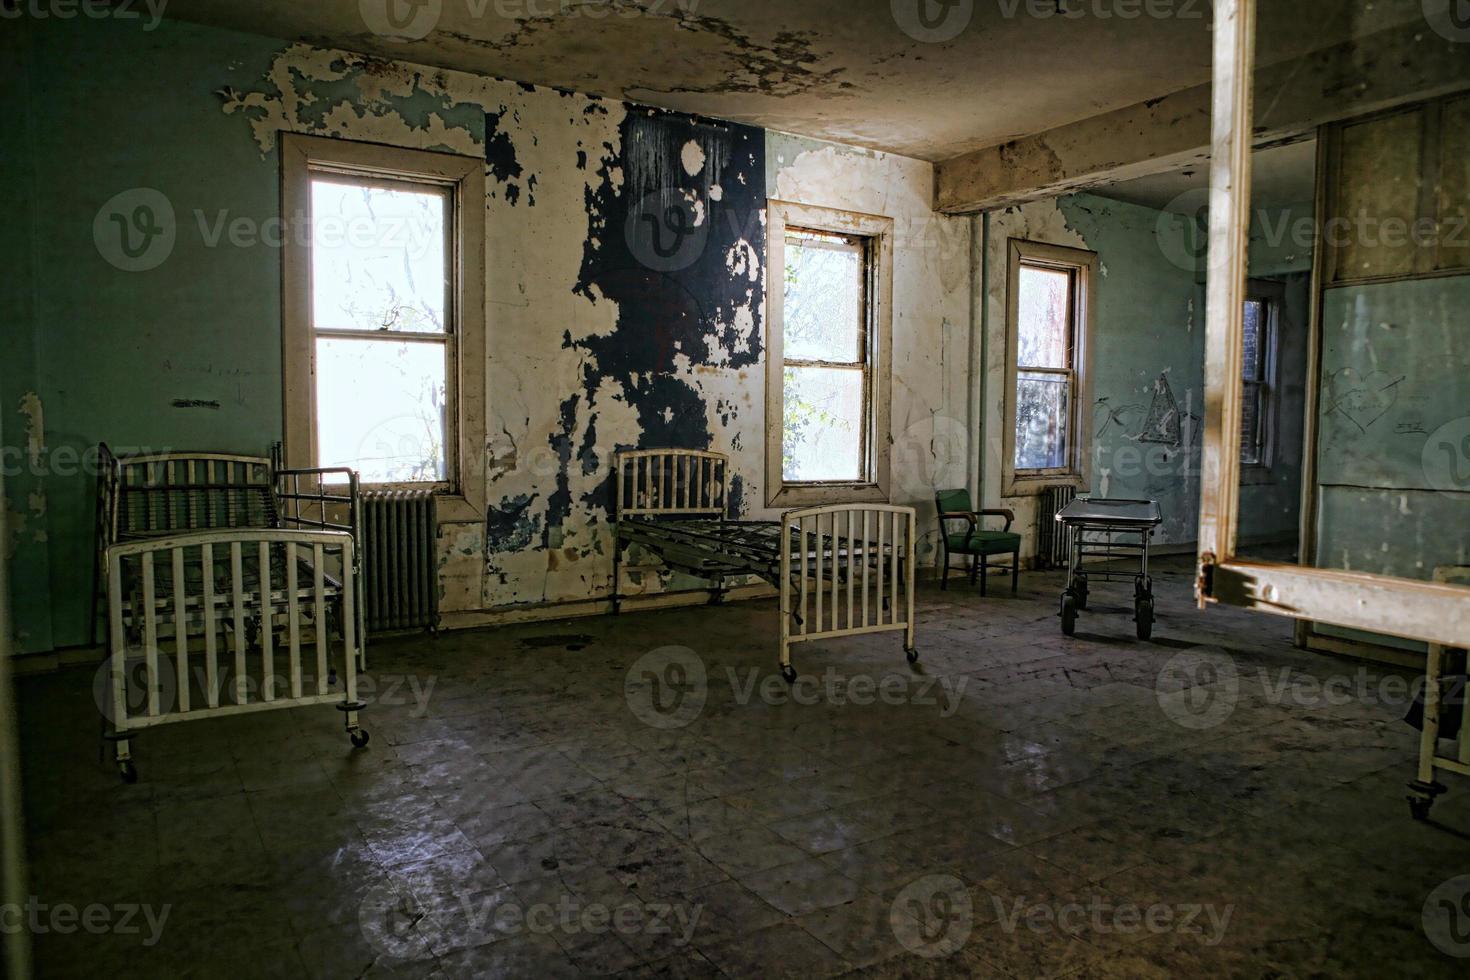 baufälliges Krankenhausgebäude mit leeren verrosteten Betten foto